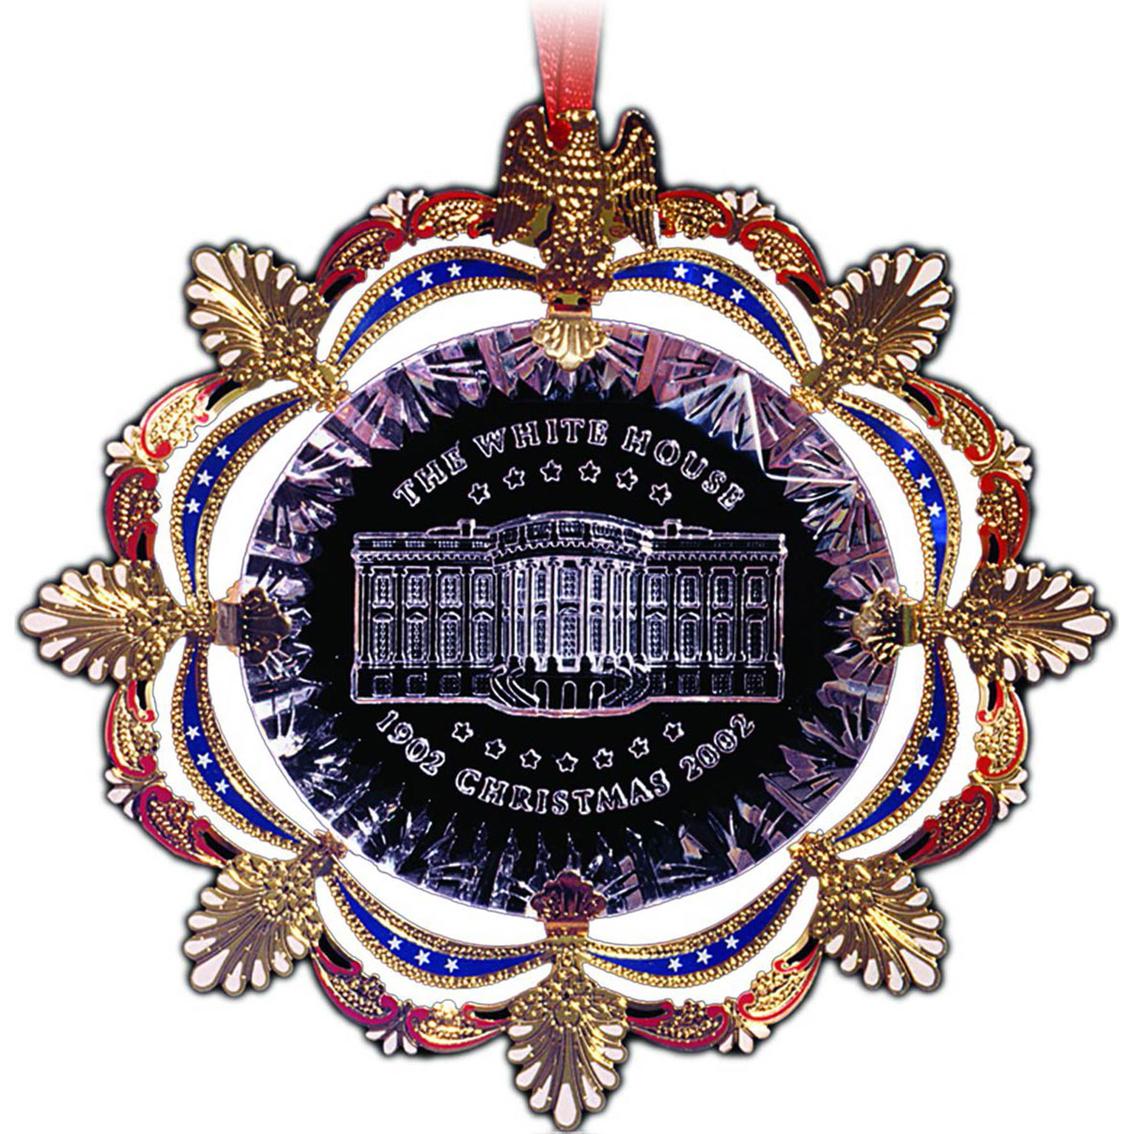 White House Christmas Ornament.Chemart 2002 White House Christmas Ornament Ornaments